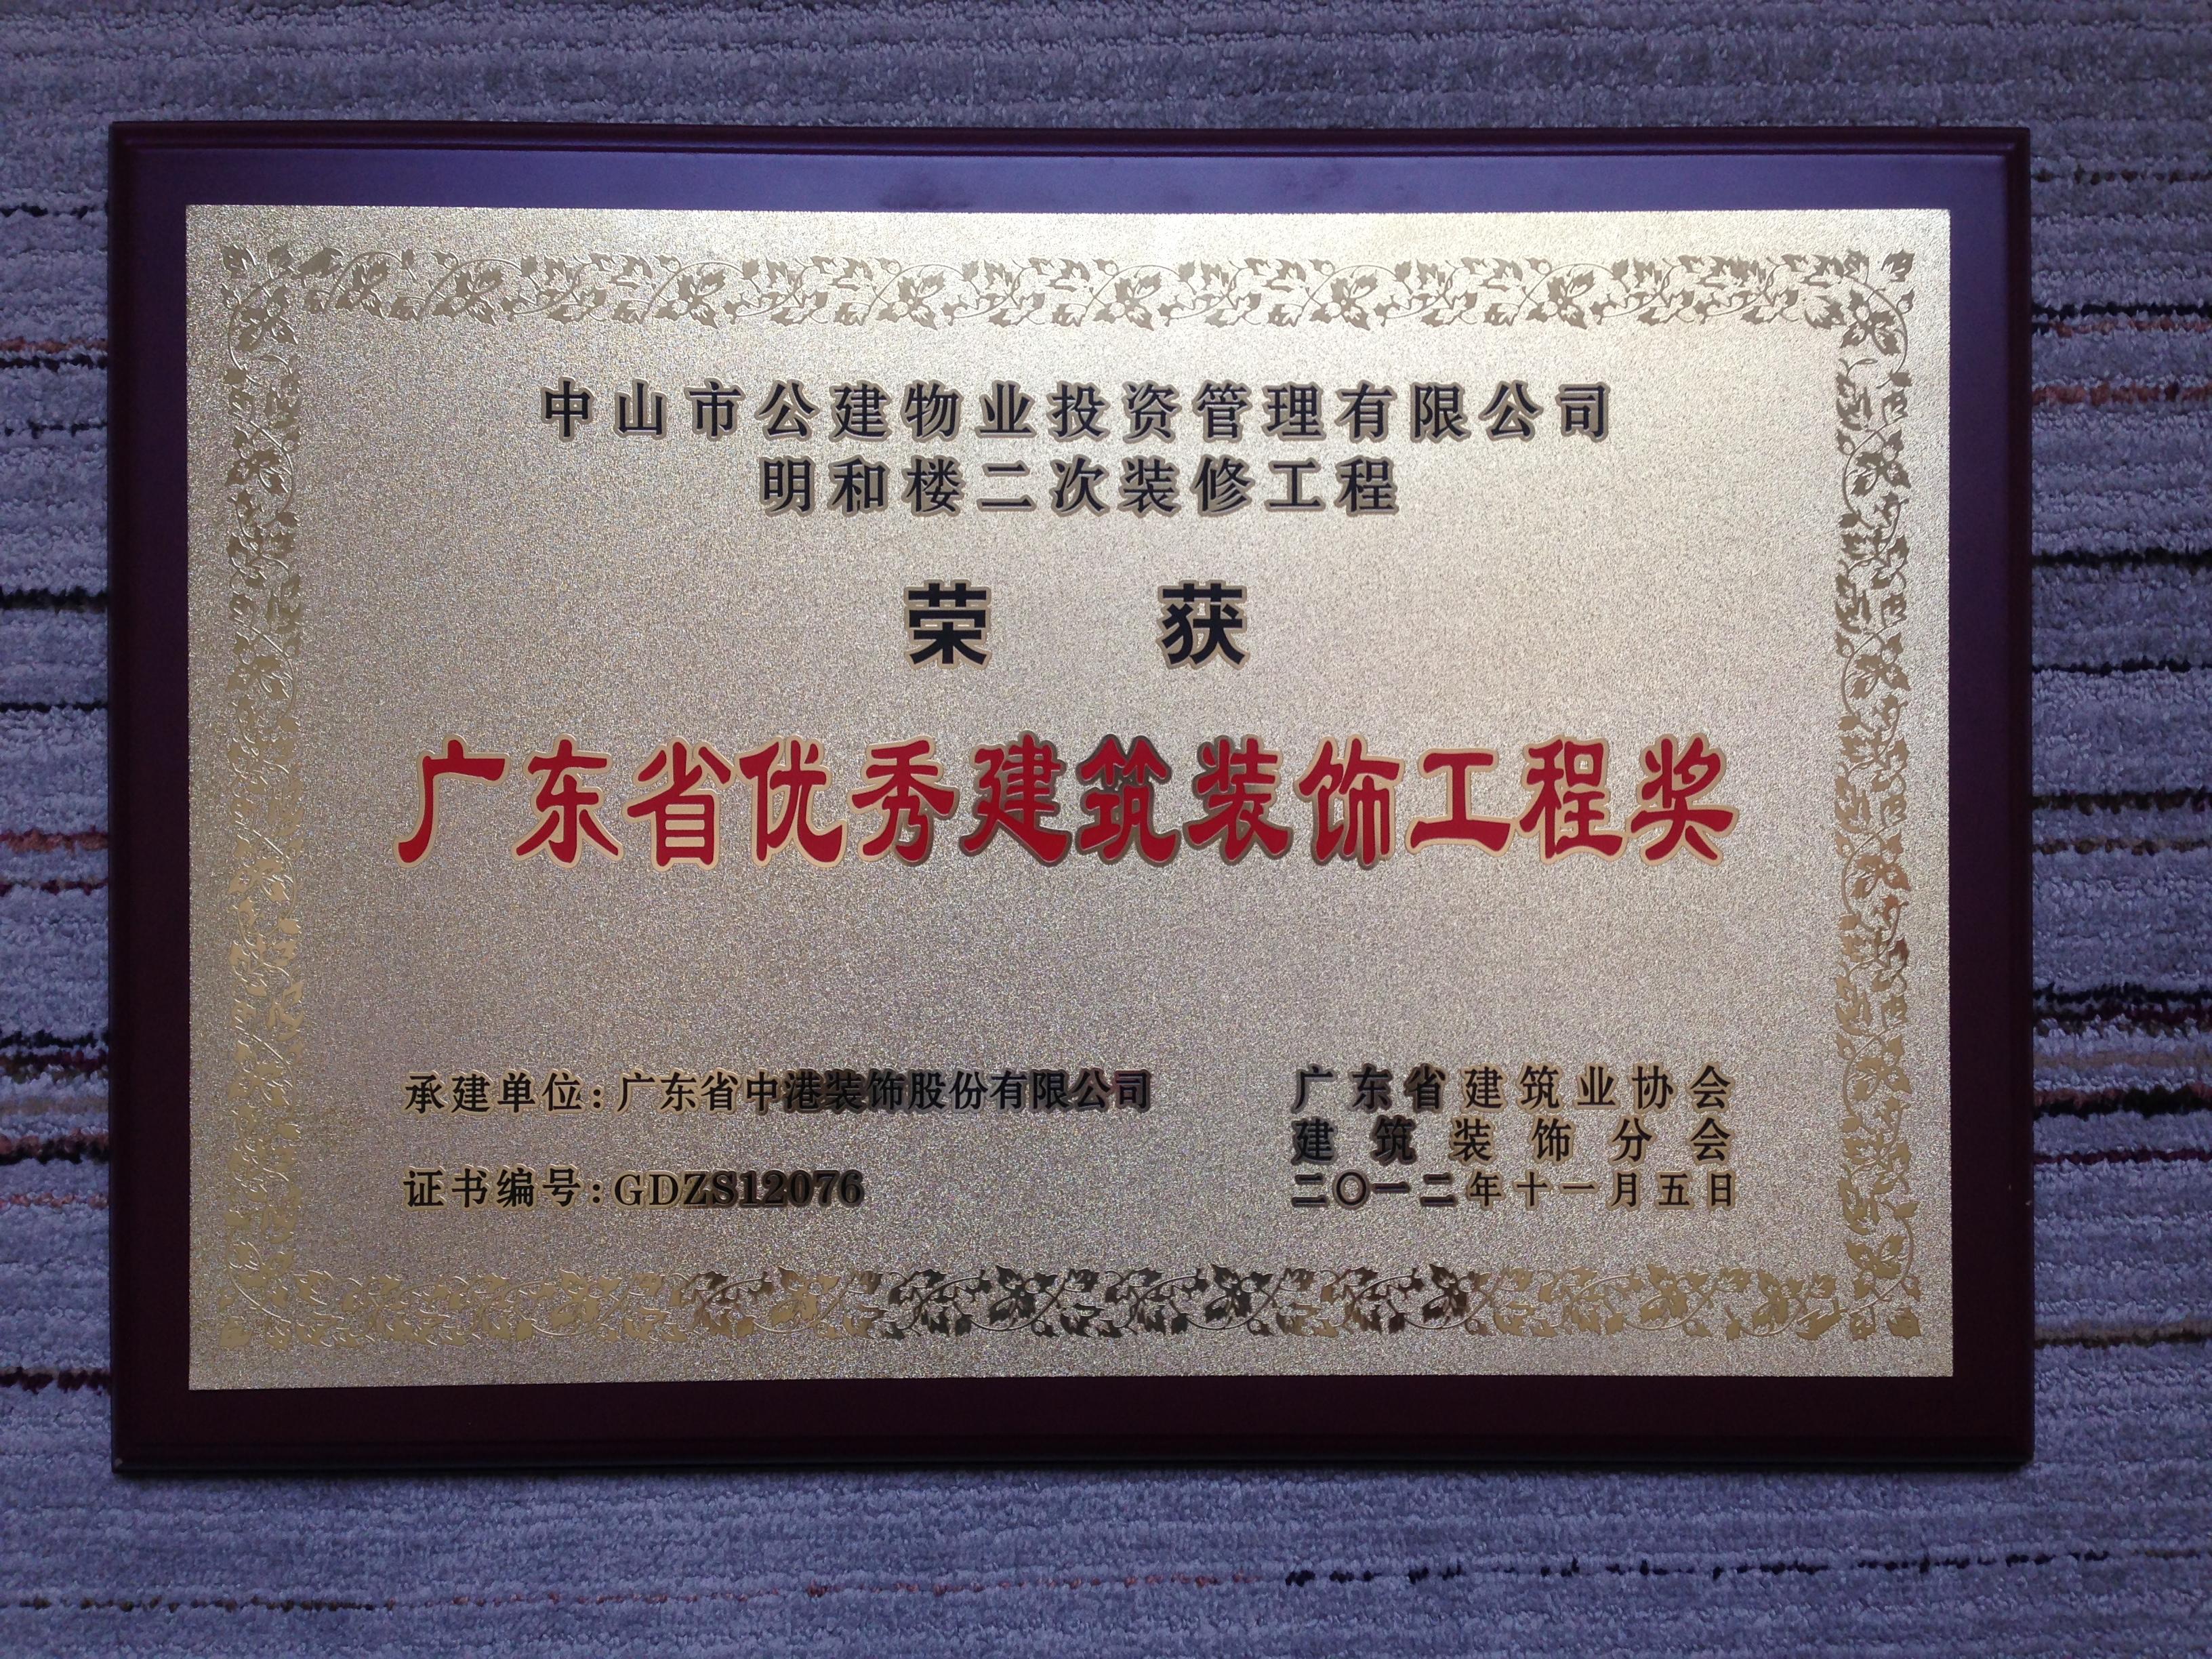 廣(guang)東省(sheng)優秀建築裝飾工程(cheng)獎(裝飾類(lei))